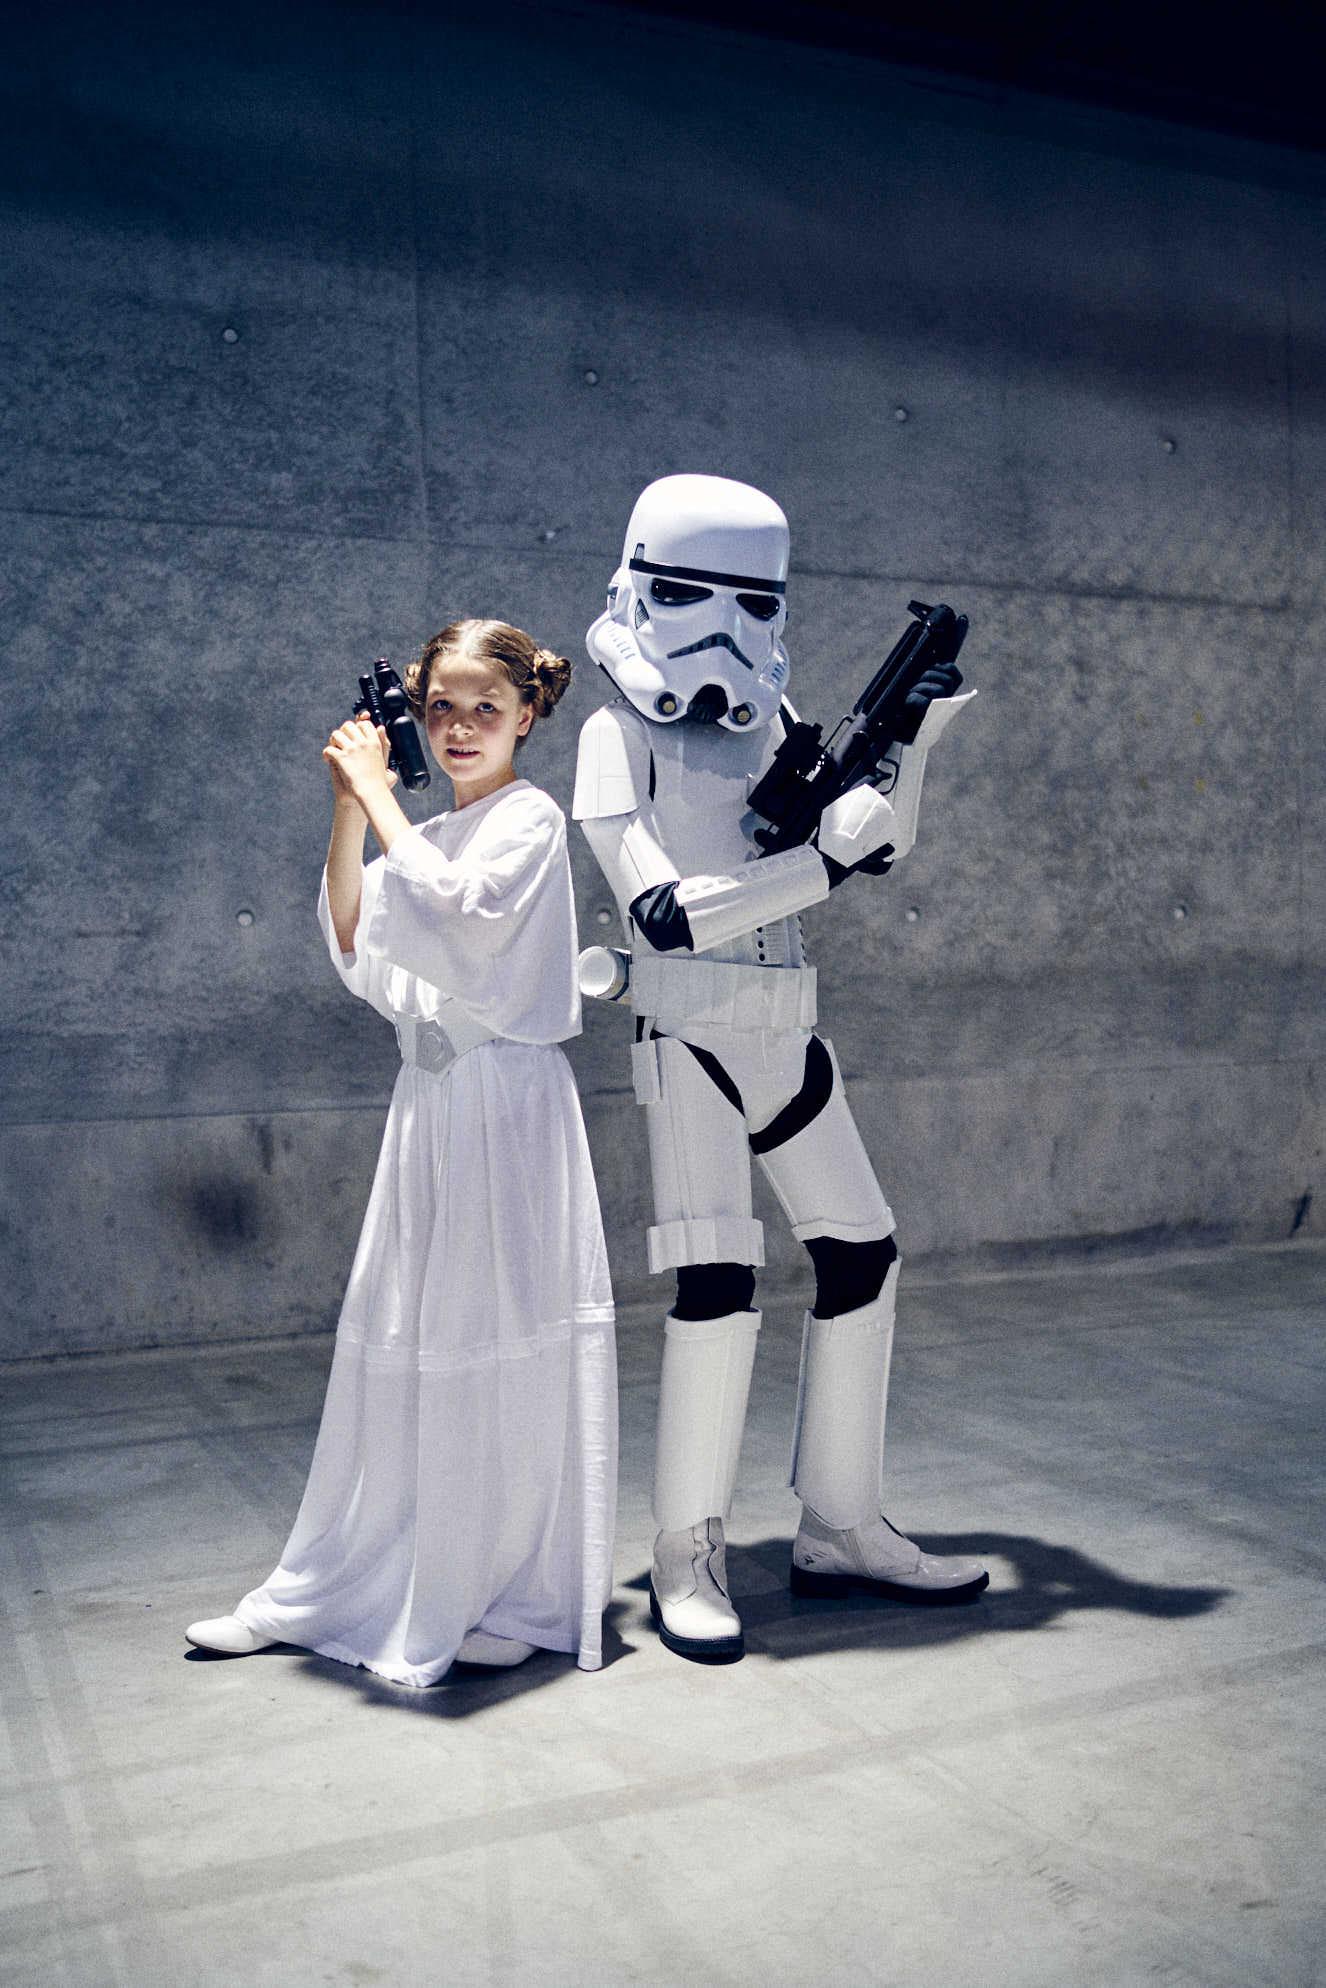 www.steffenjahn.com/oeffentlich/Stormtrooper_0378.jpg